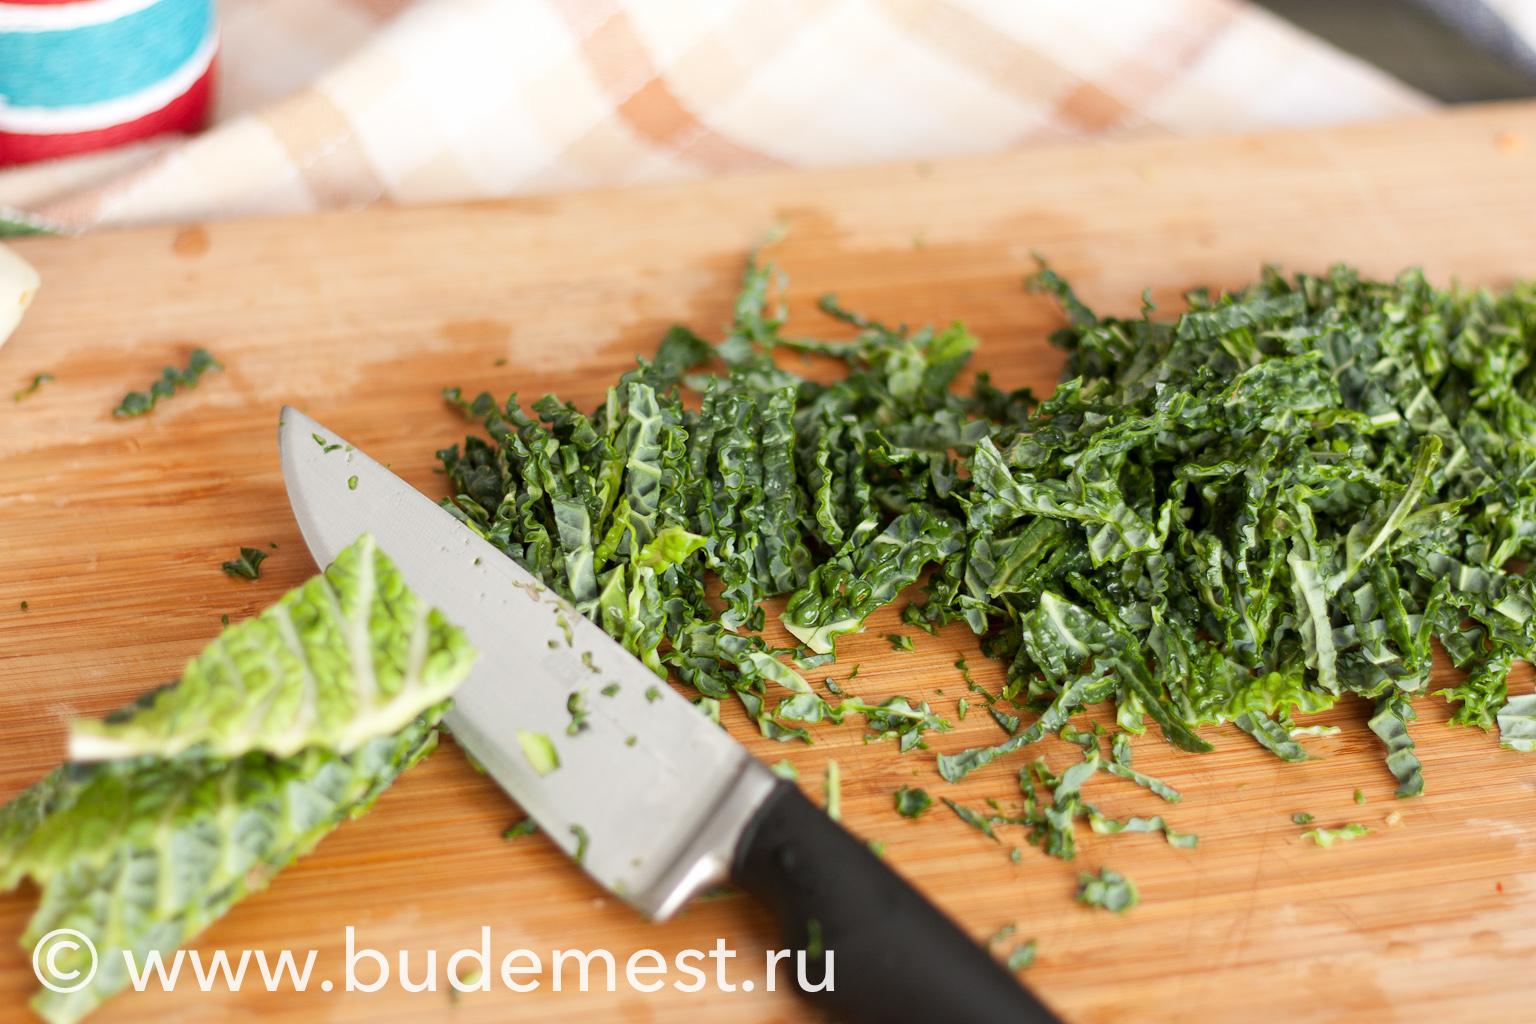 Мелко нашинкуйте капустные листы